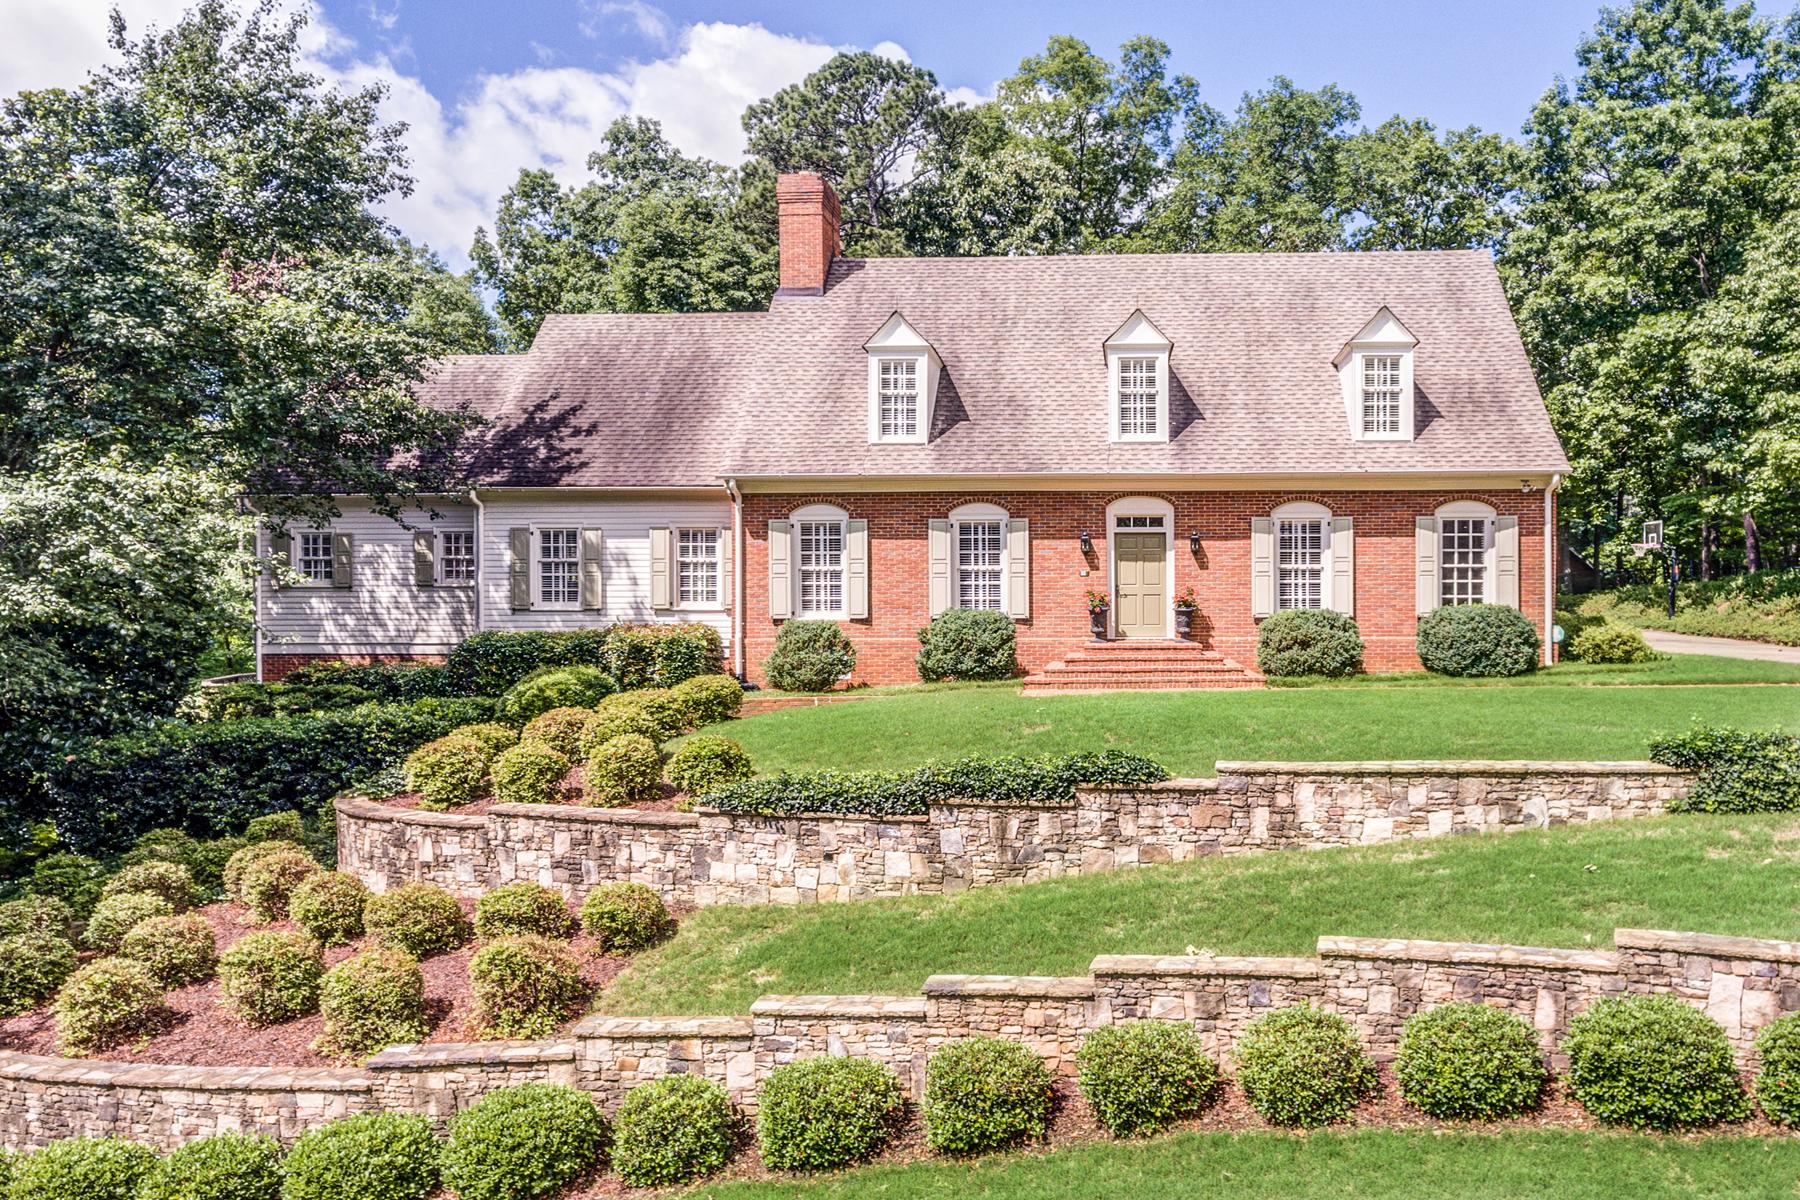 단독 가정 주택 용 매매 에 Beautifully Sited, Well Built And Maintained Home On Over An Acre 5300 Woodridge Forest Trail Sandy Springs, 조지아, 30327 미국